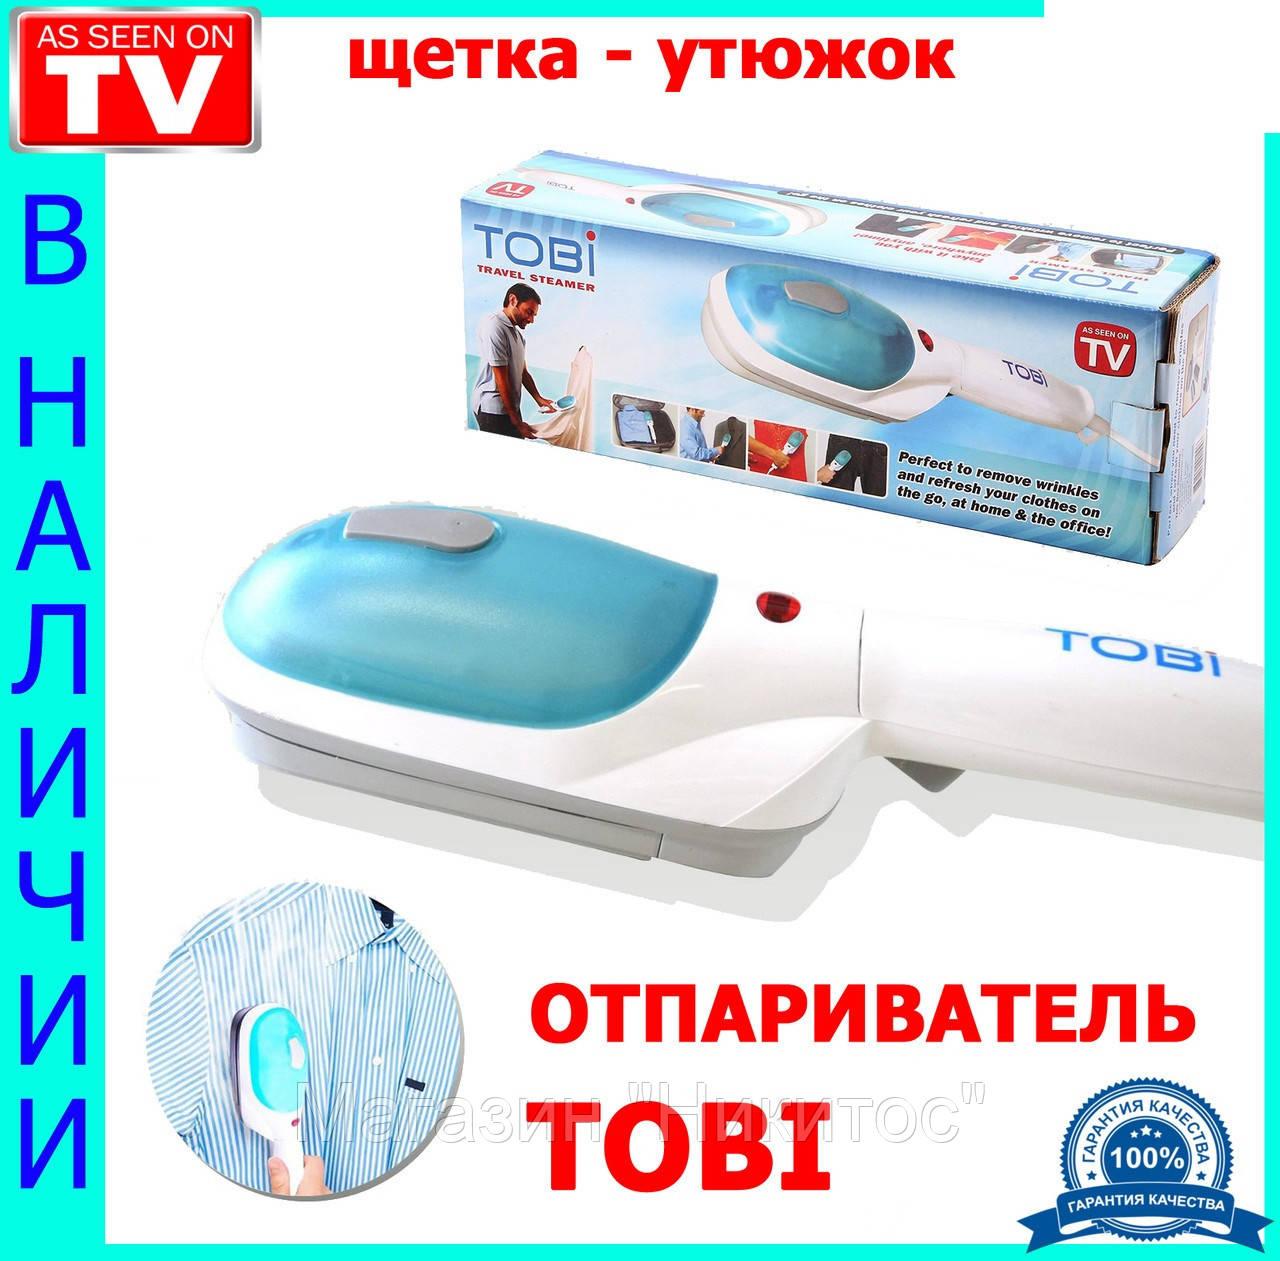 """Ручной отпариватель TOBI Качество! Незаменим в хозяйстве! !Акция - Магазин """"Никитос"""" в Одессе"""